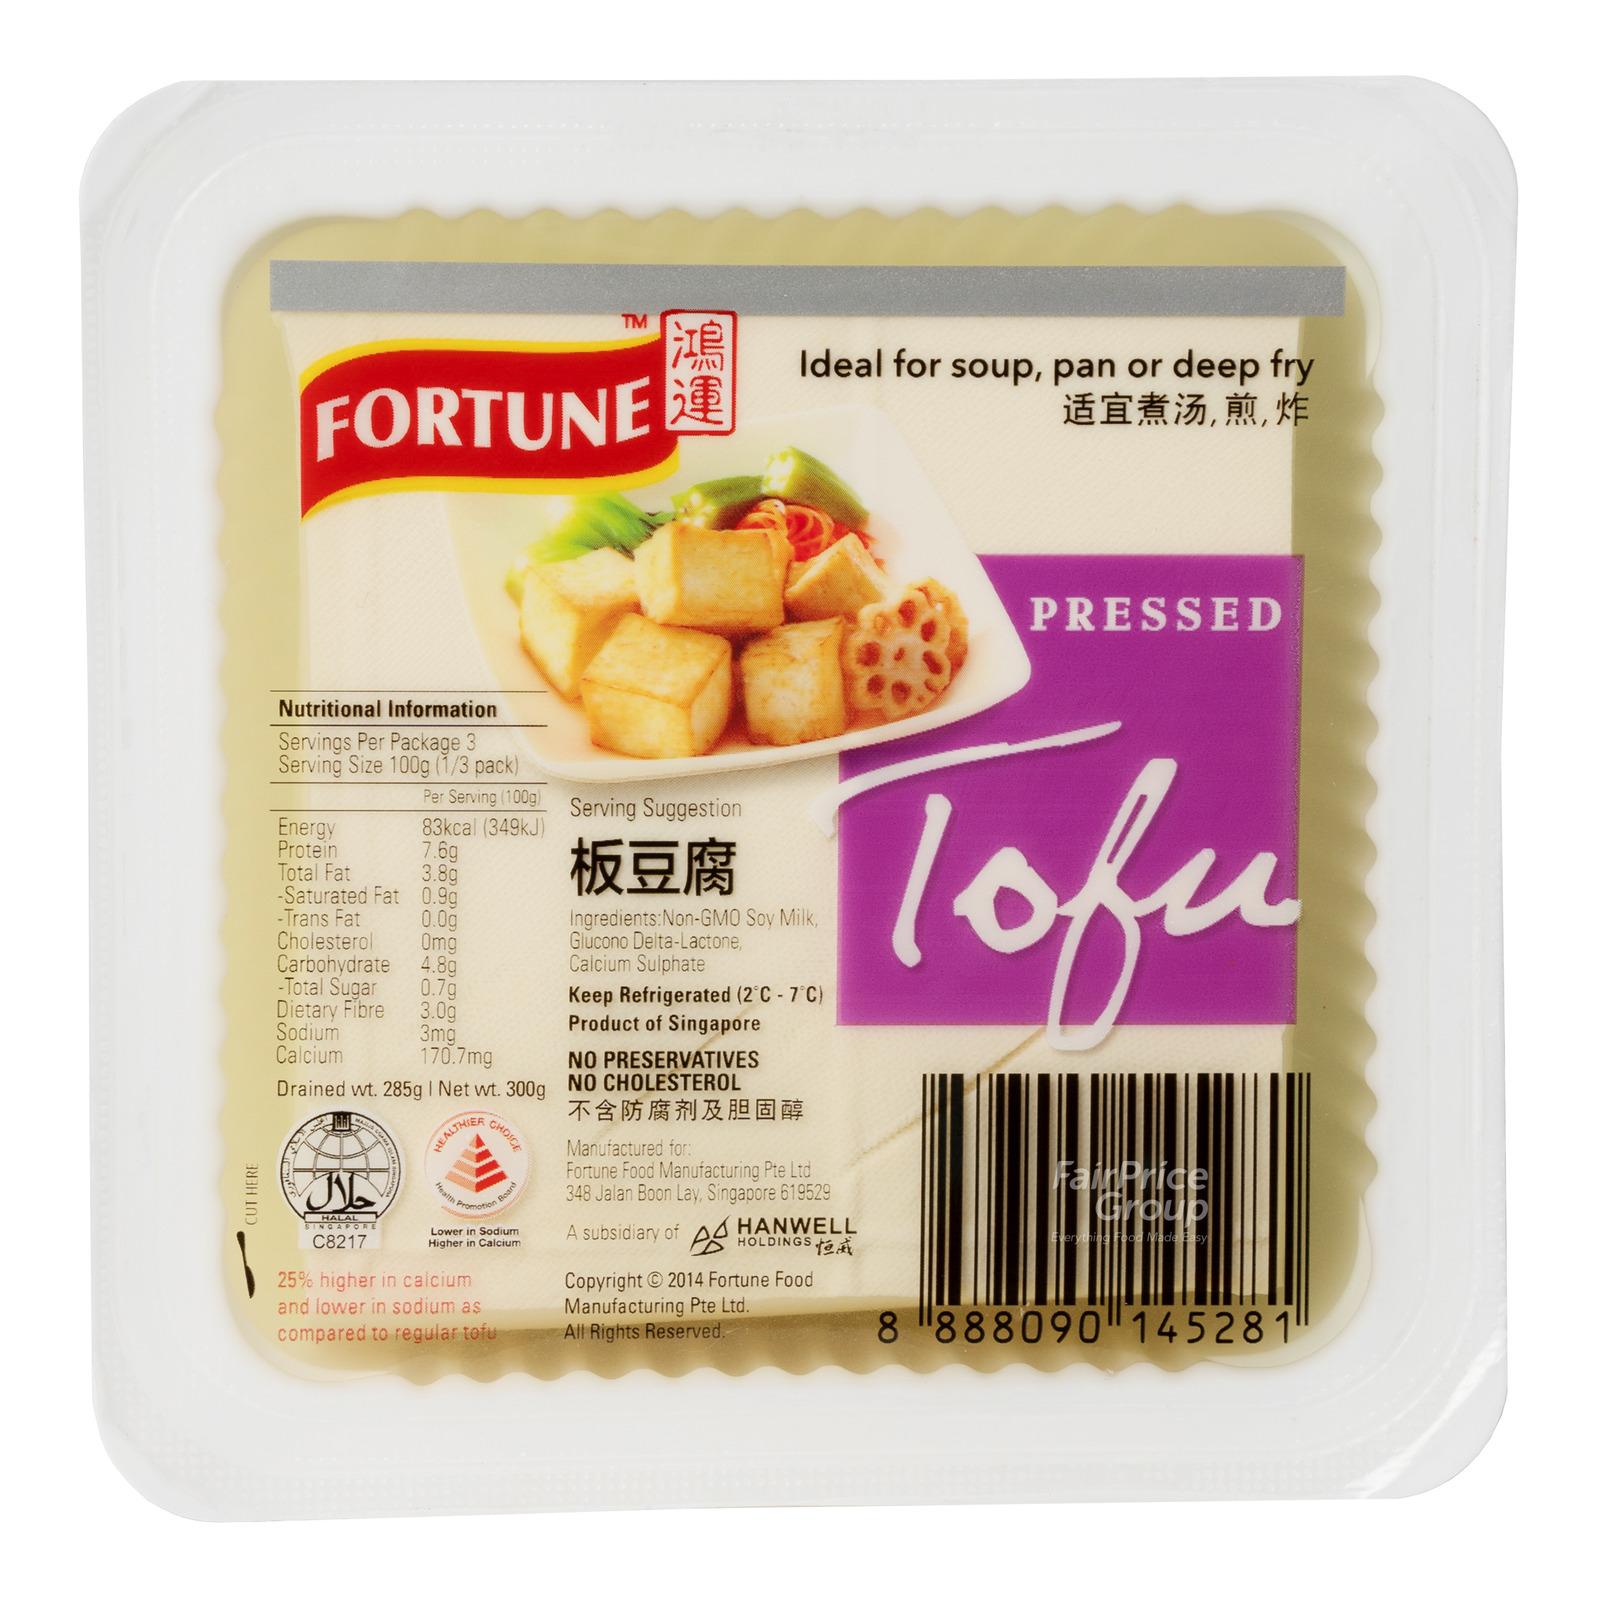 Fortune Pressed Tofu